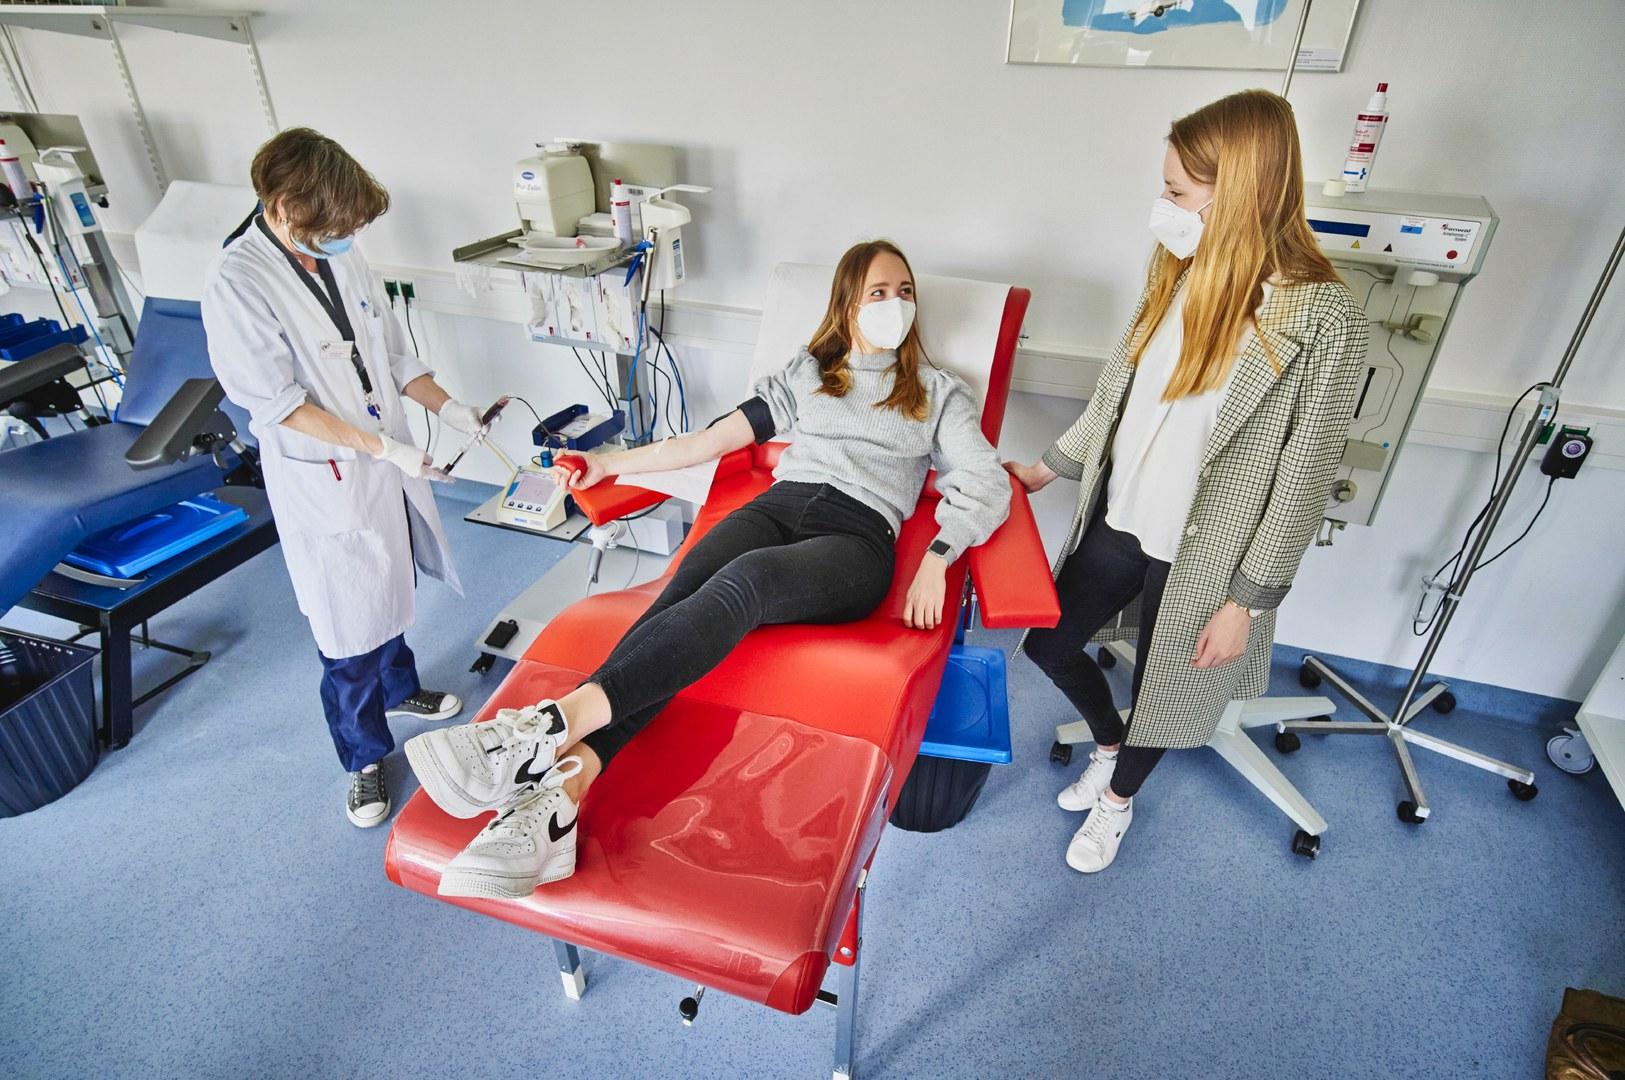 Medizin-Studierende rufen deutschlandweit zur Blutspende auf: